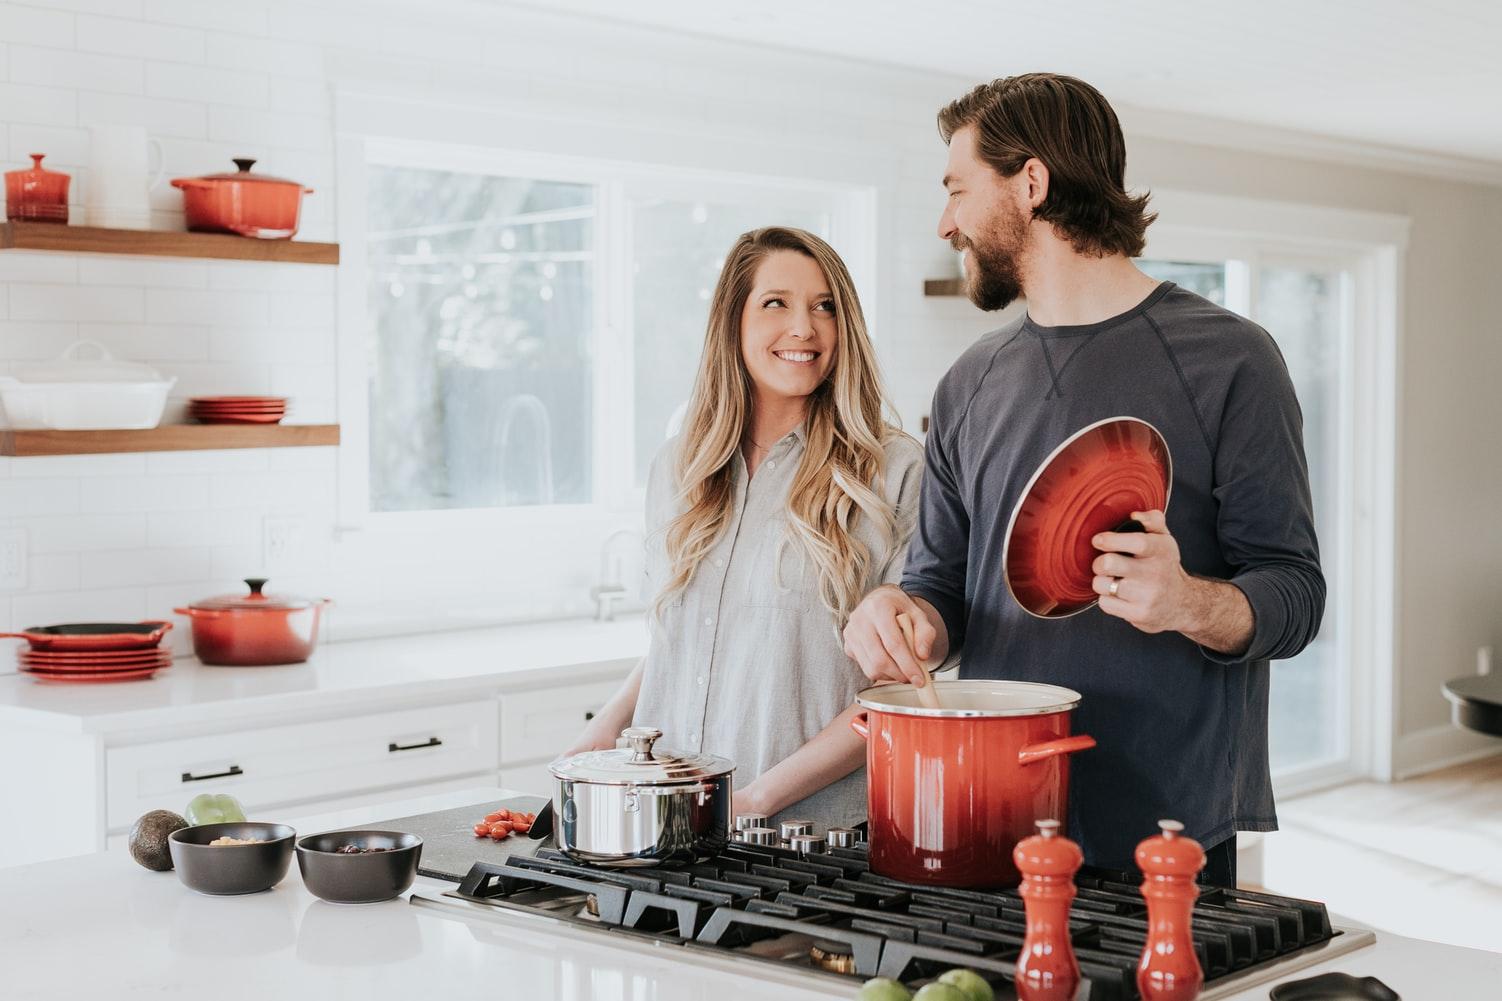 cozinhando - O que é slow food e suas vantagens